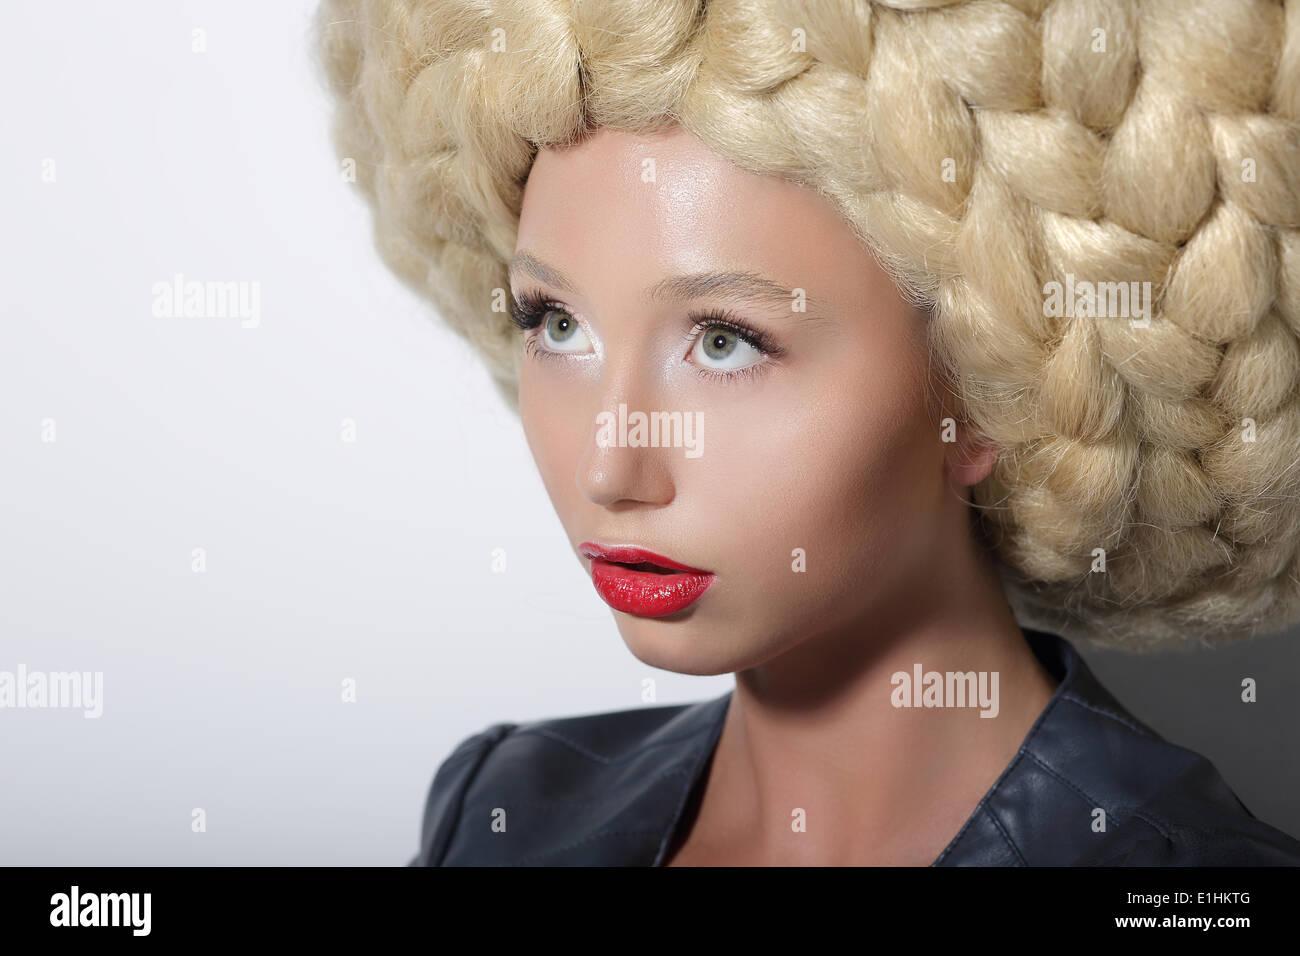 Modèle de mode. Femme ultramoderne avec une coiffure d'Art Photo Stock